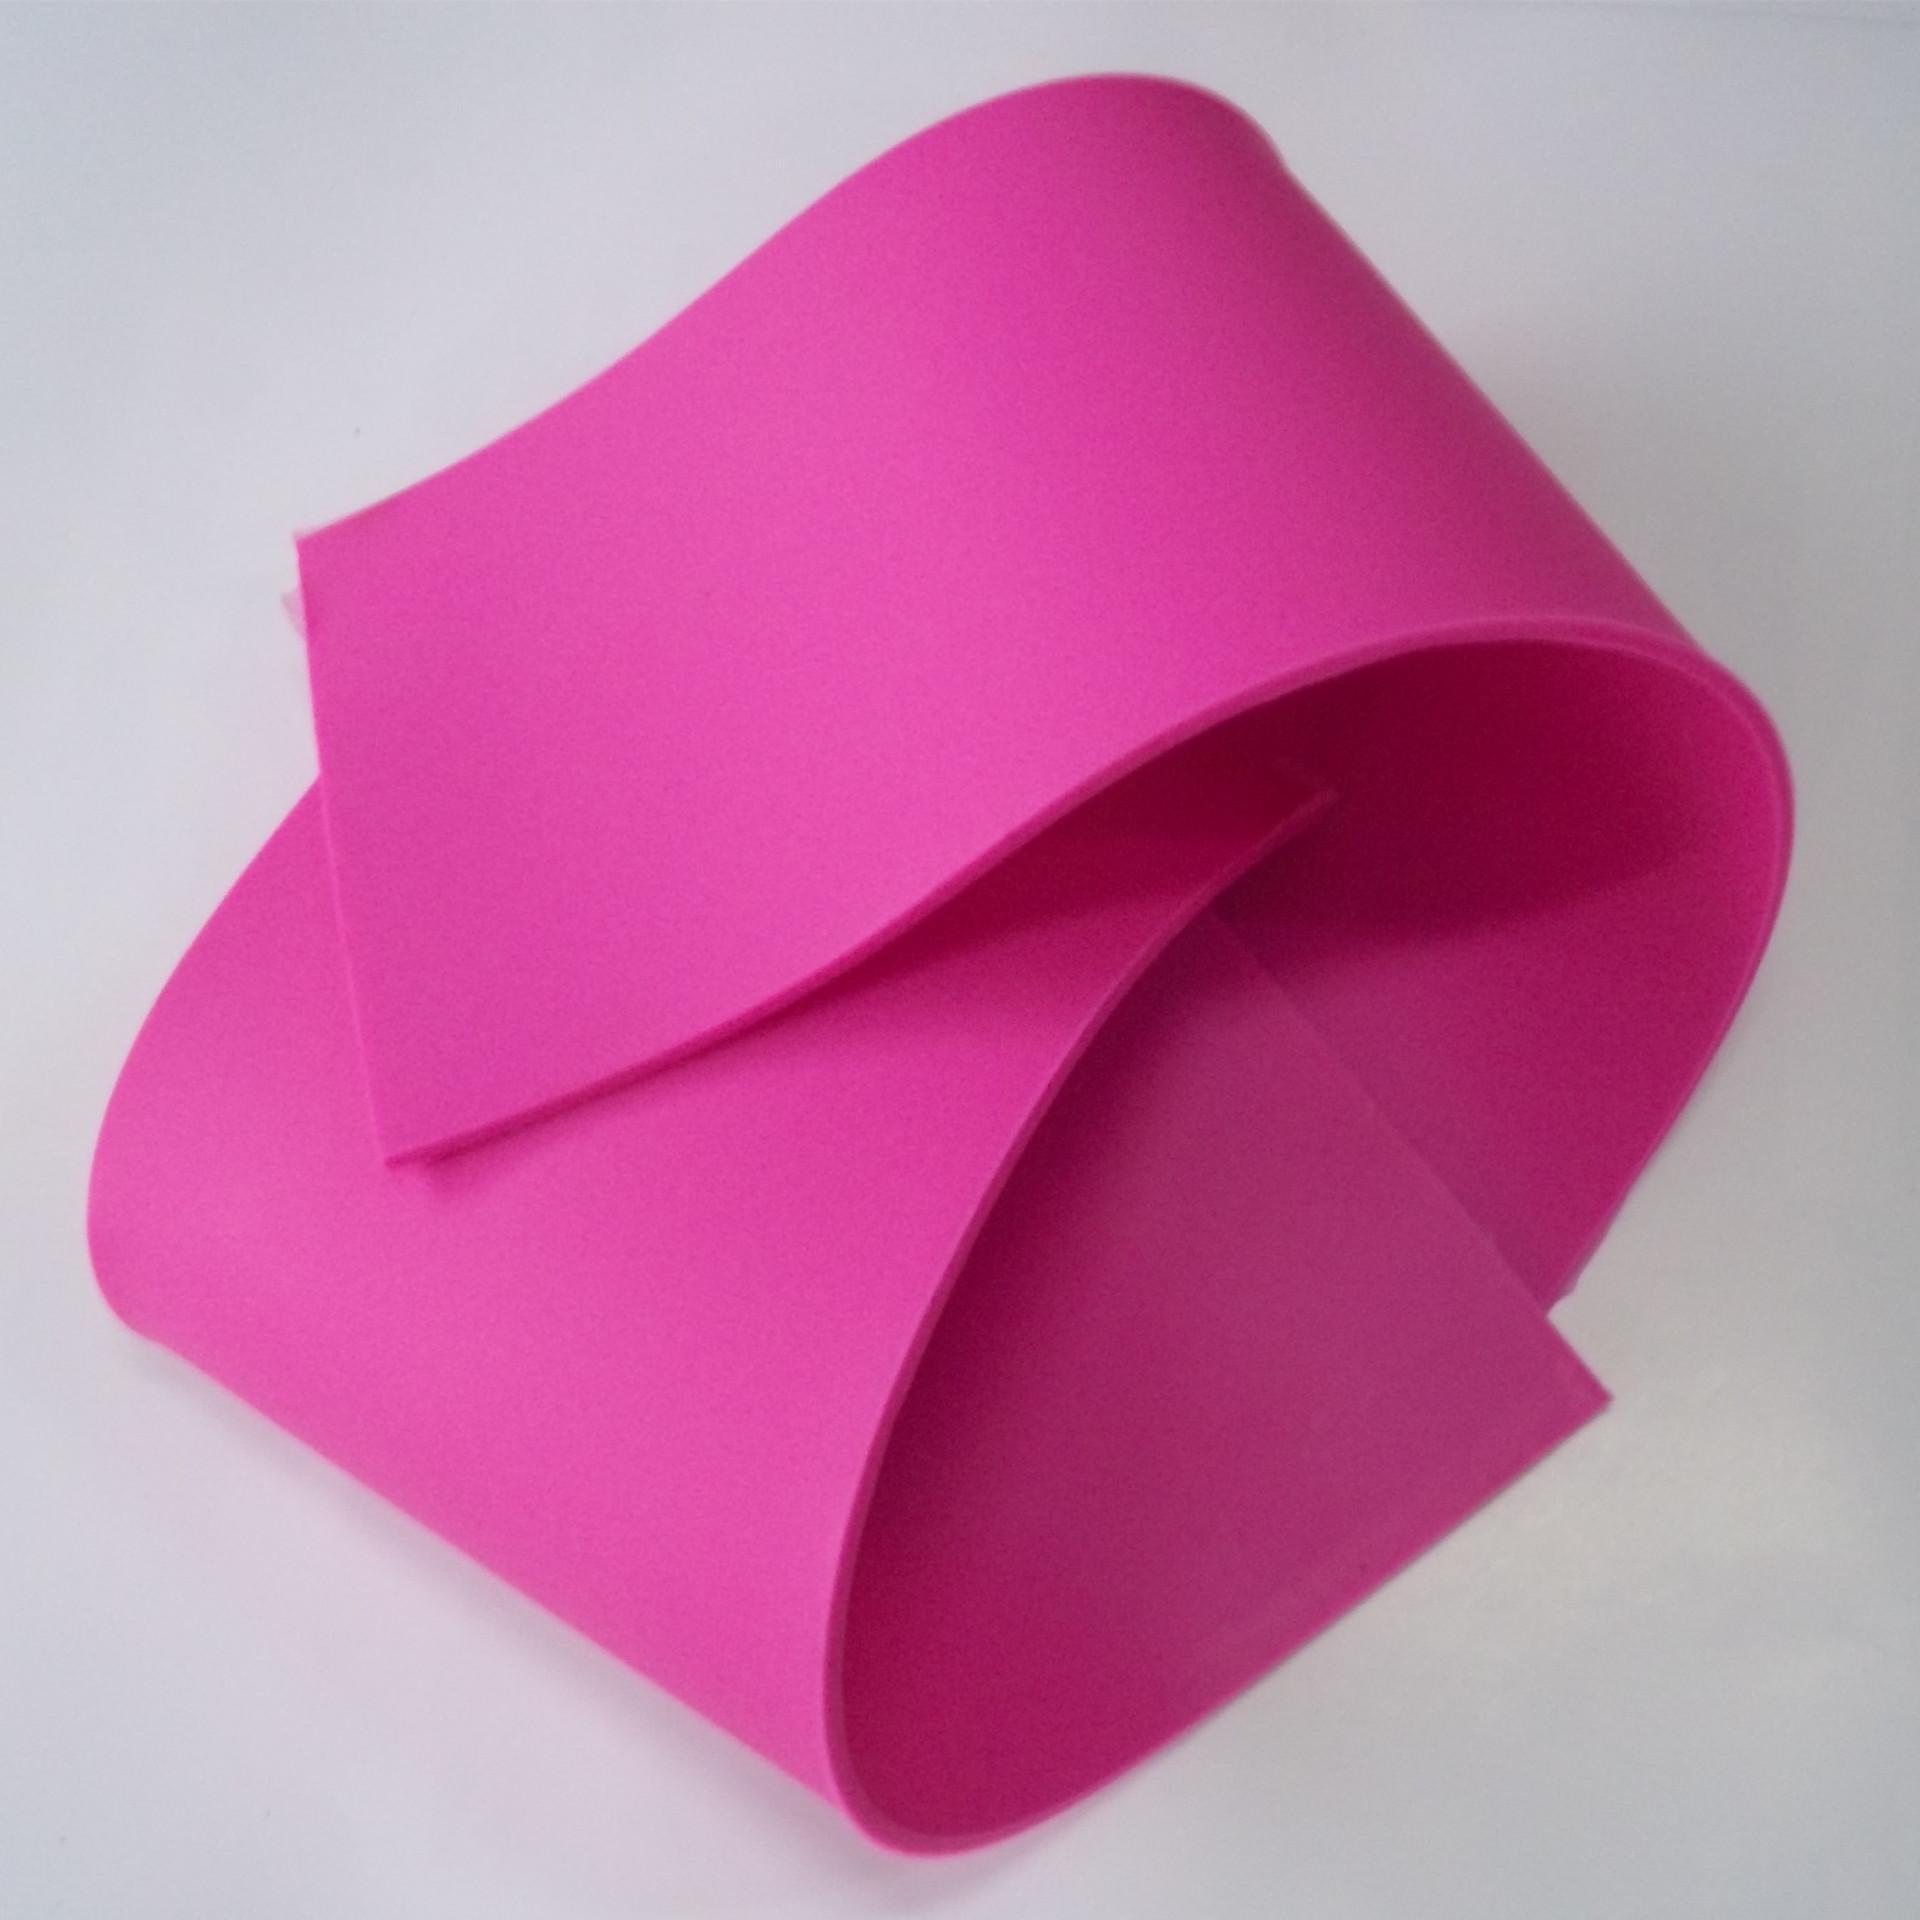 阿里巴巴招商加盟款式丰富的电器AAA级定制硅胶垫橡胶垫片